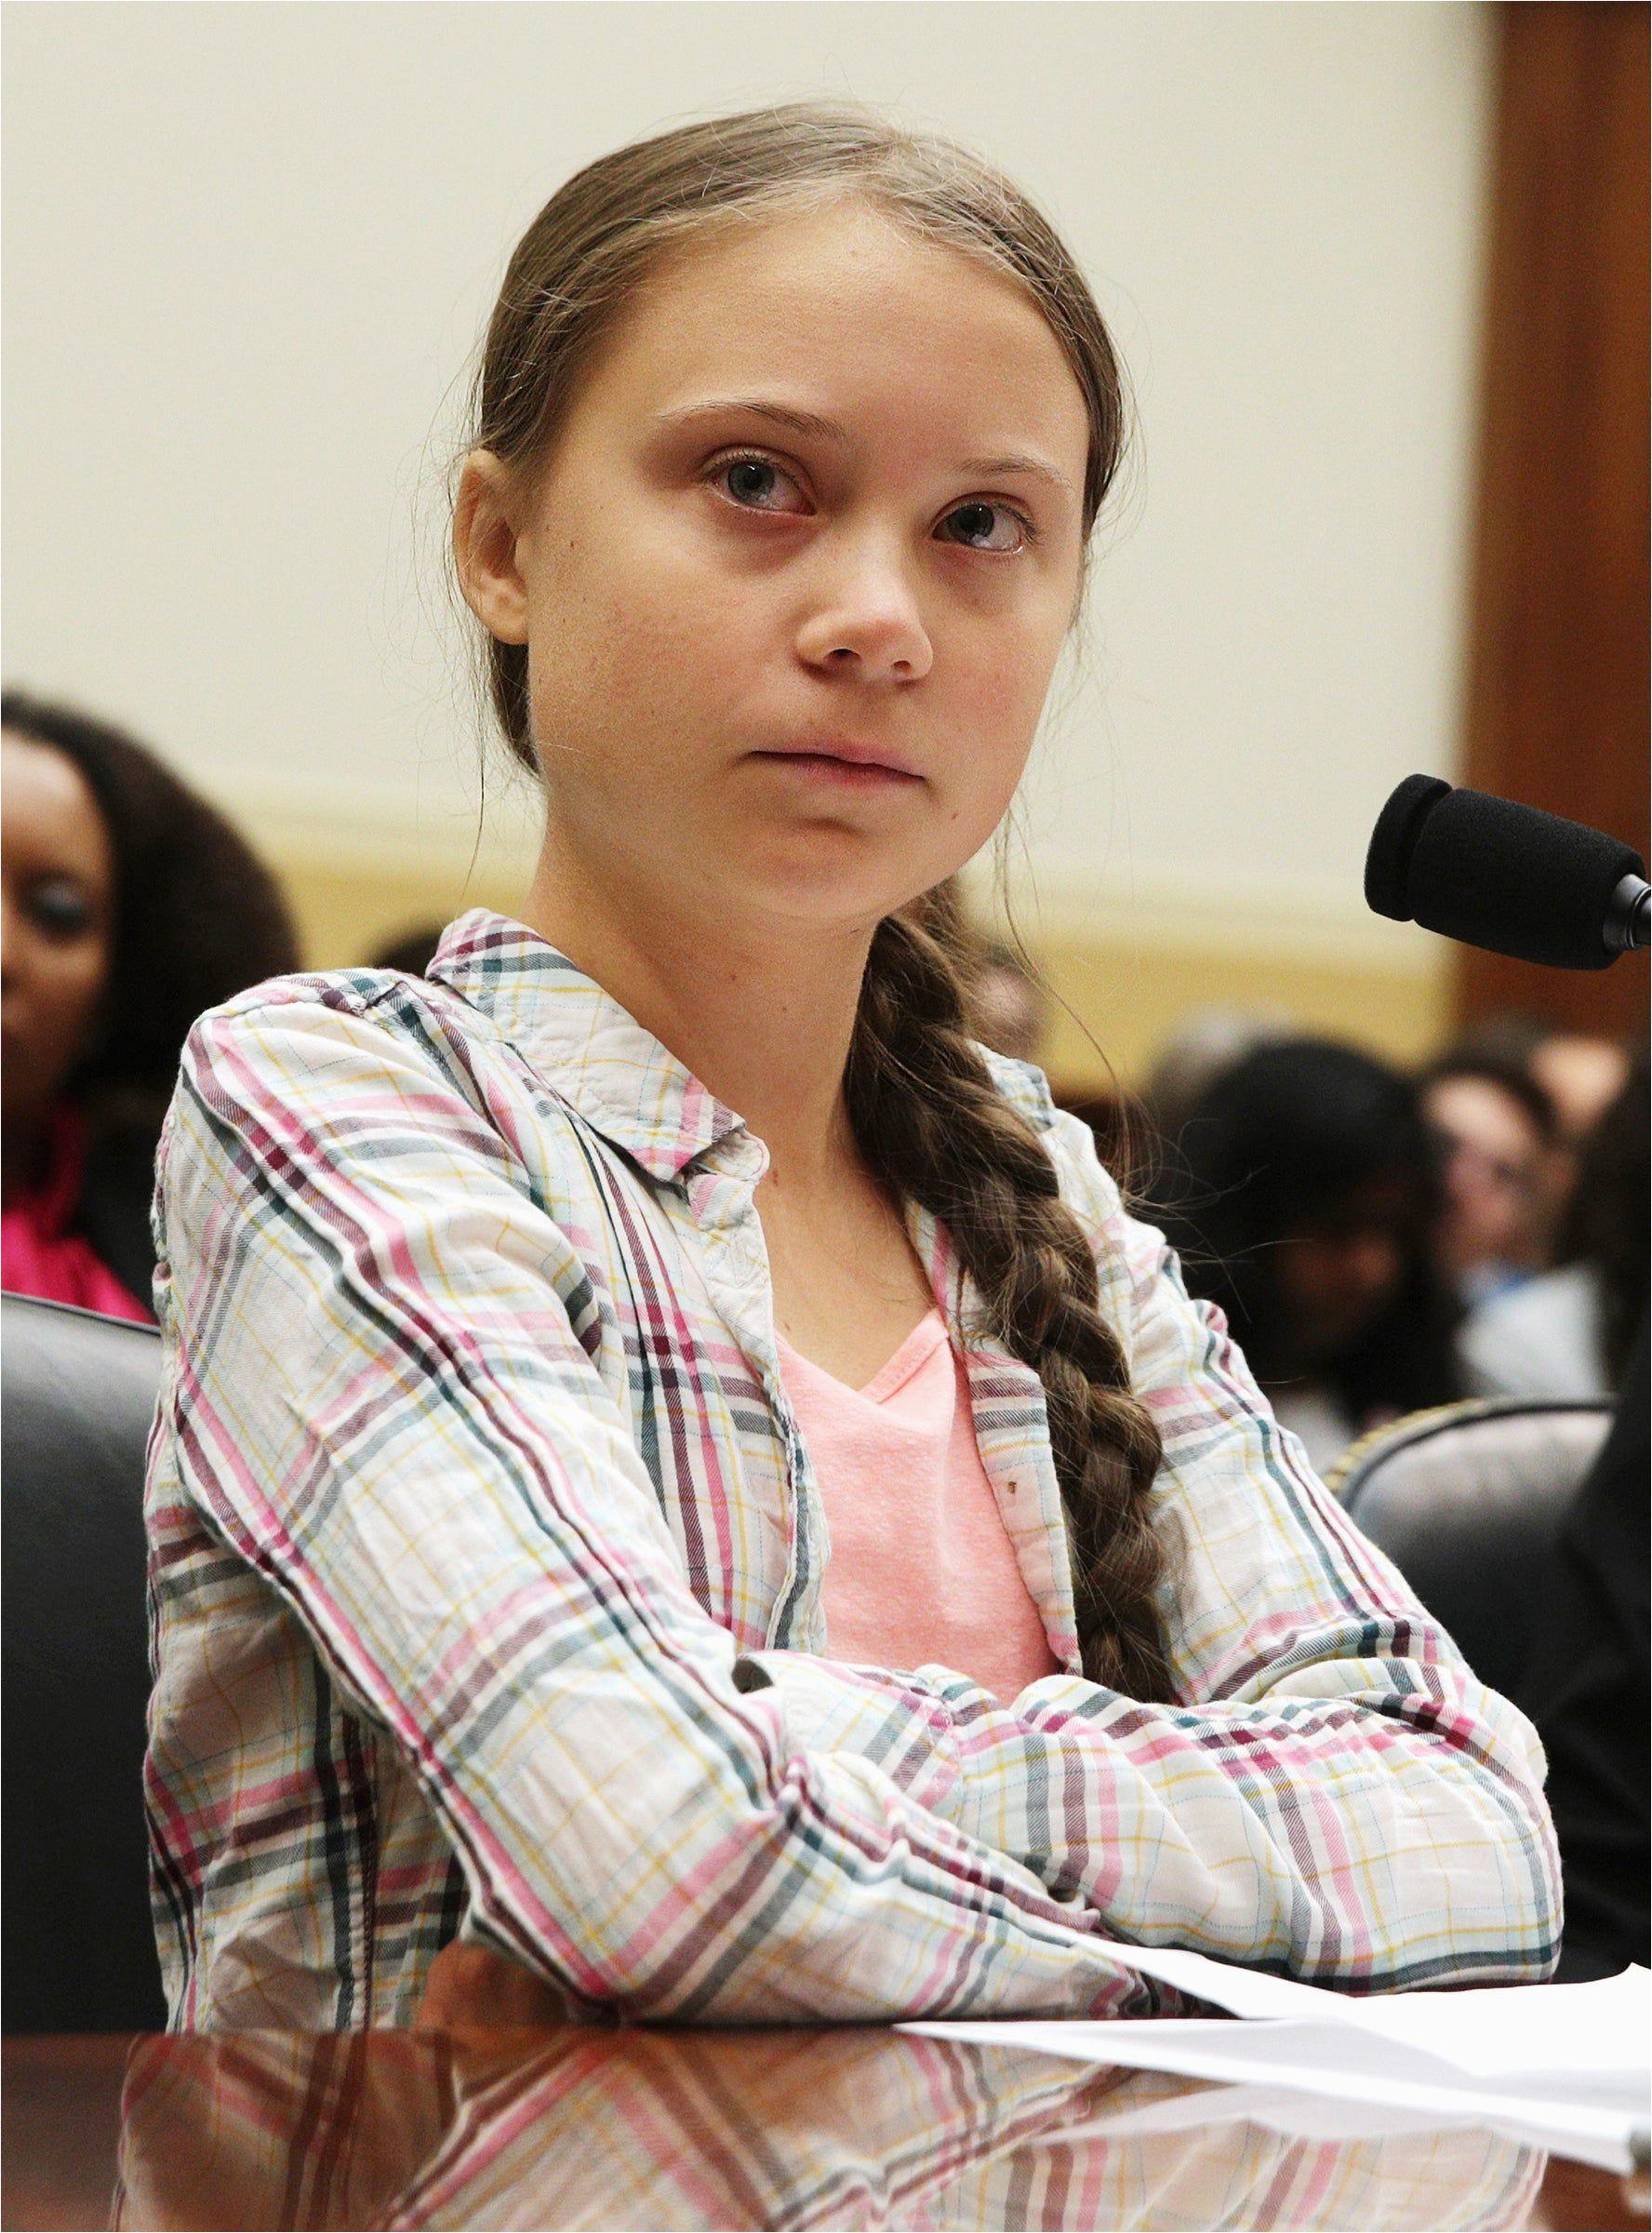 Greta Thunberg Lebenslauf Englisch Die 104 Besten Bilder Zu Greta Thunberg In 2020